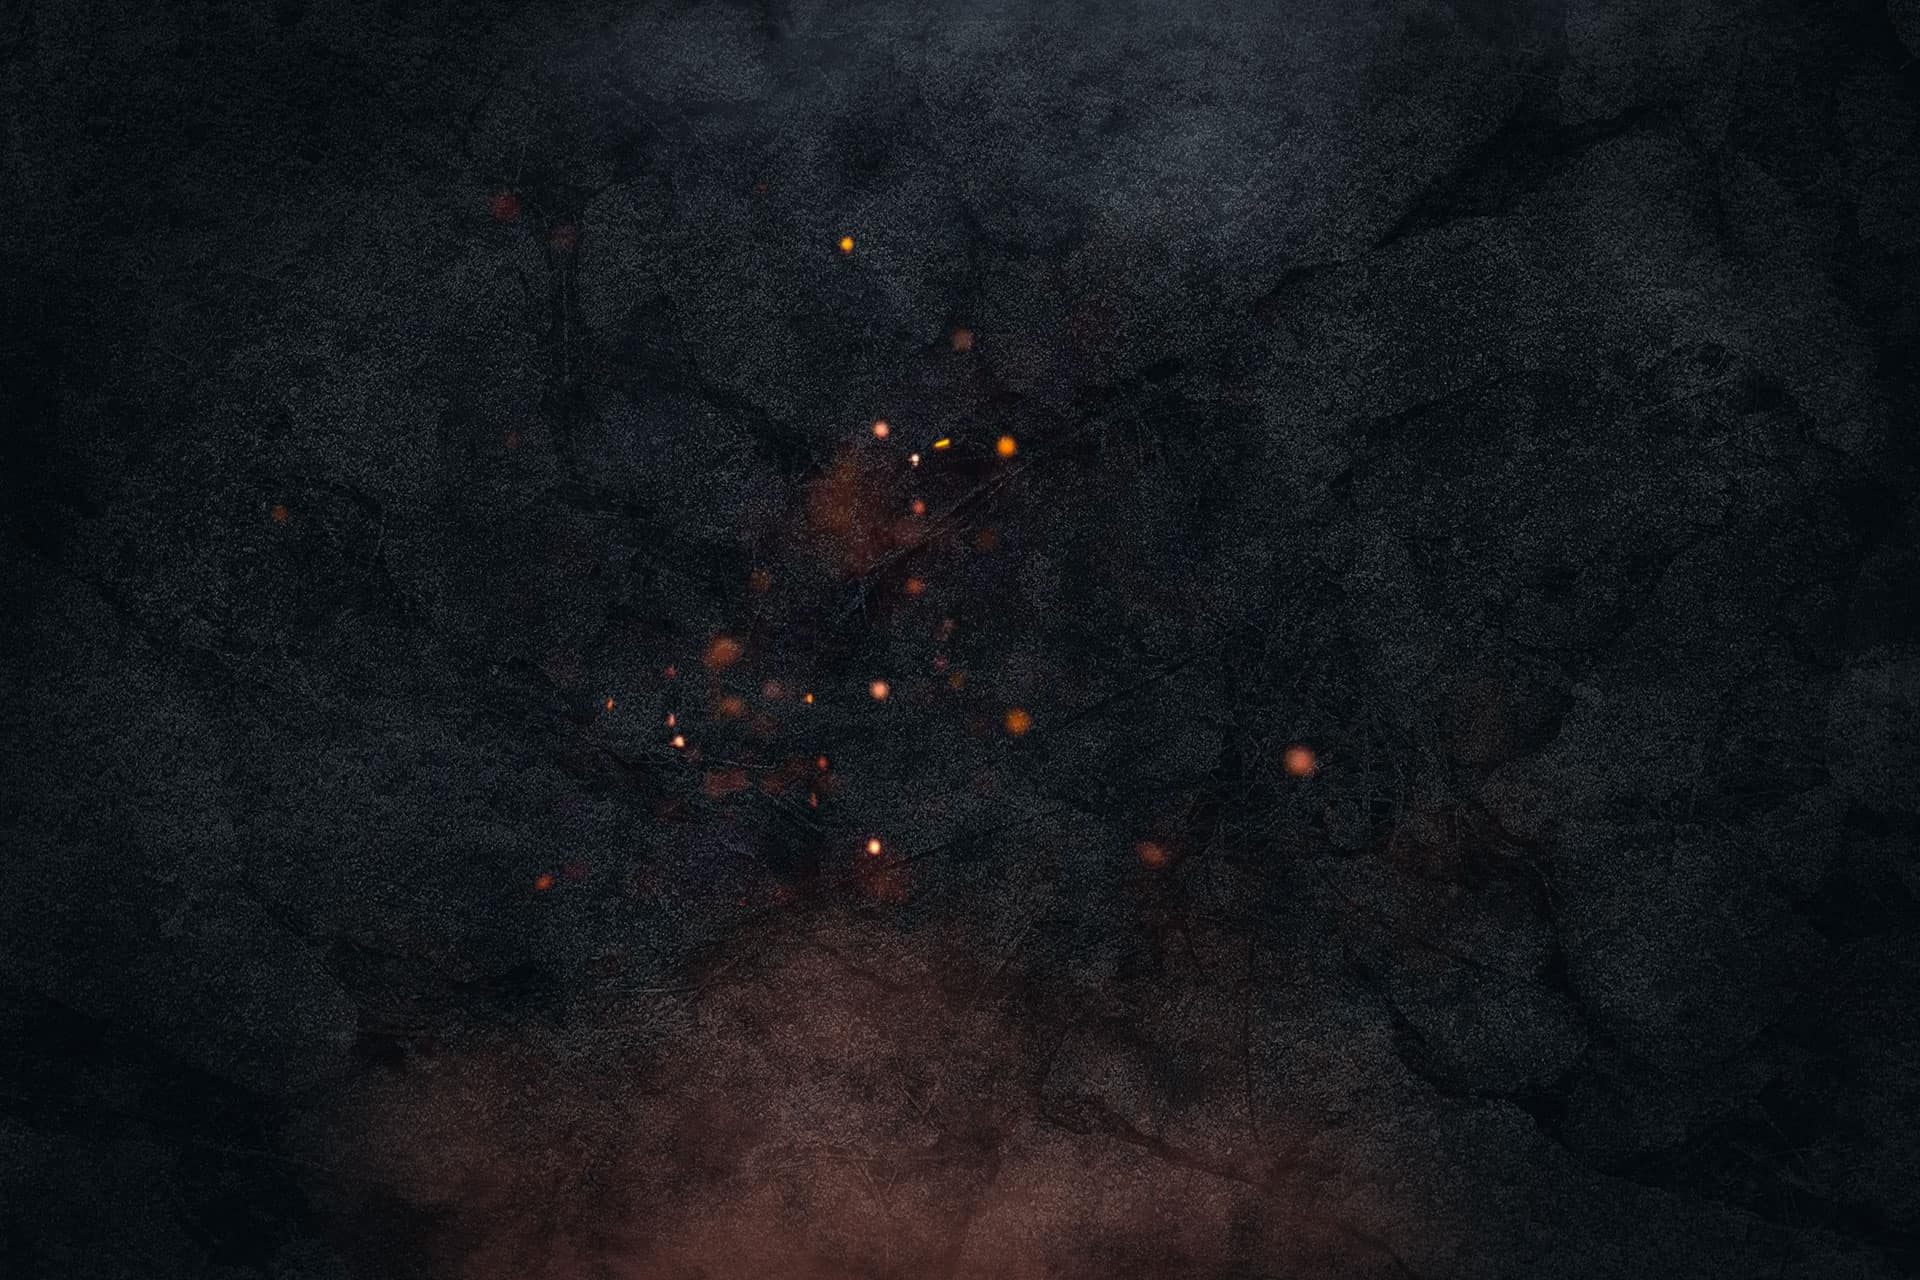 Main Background image